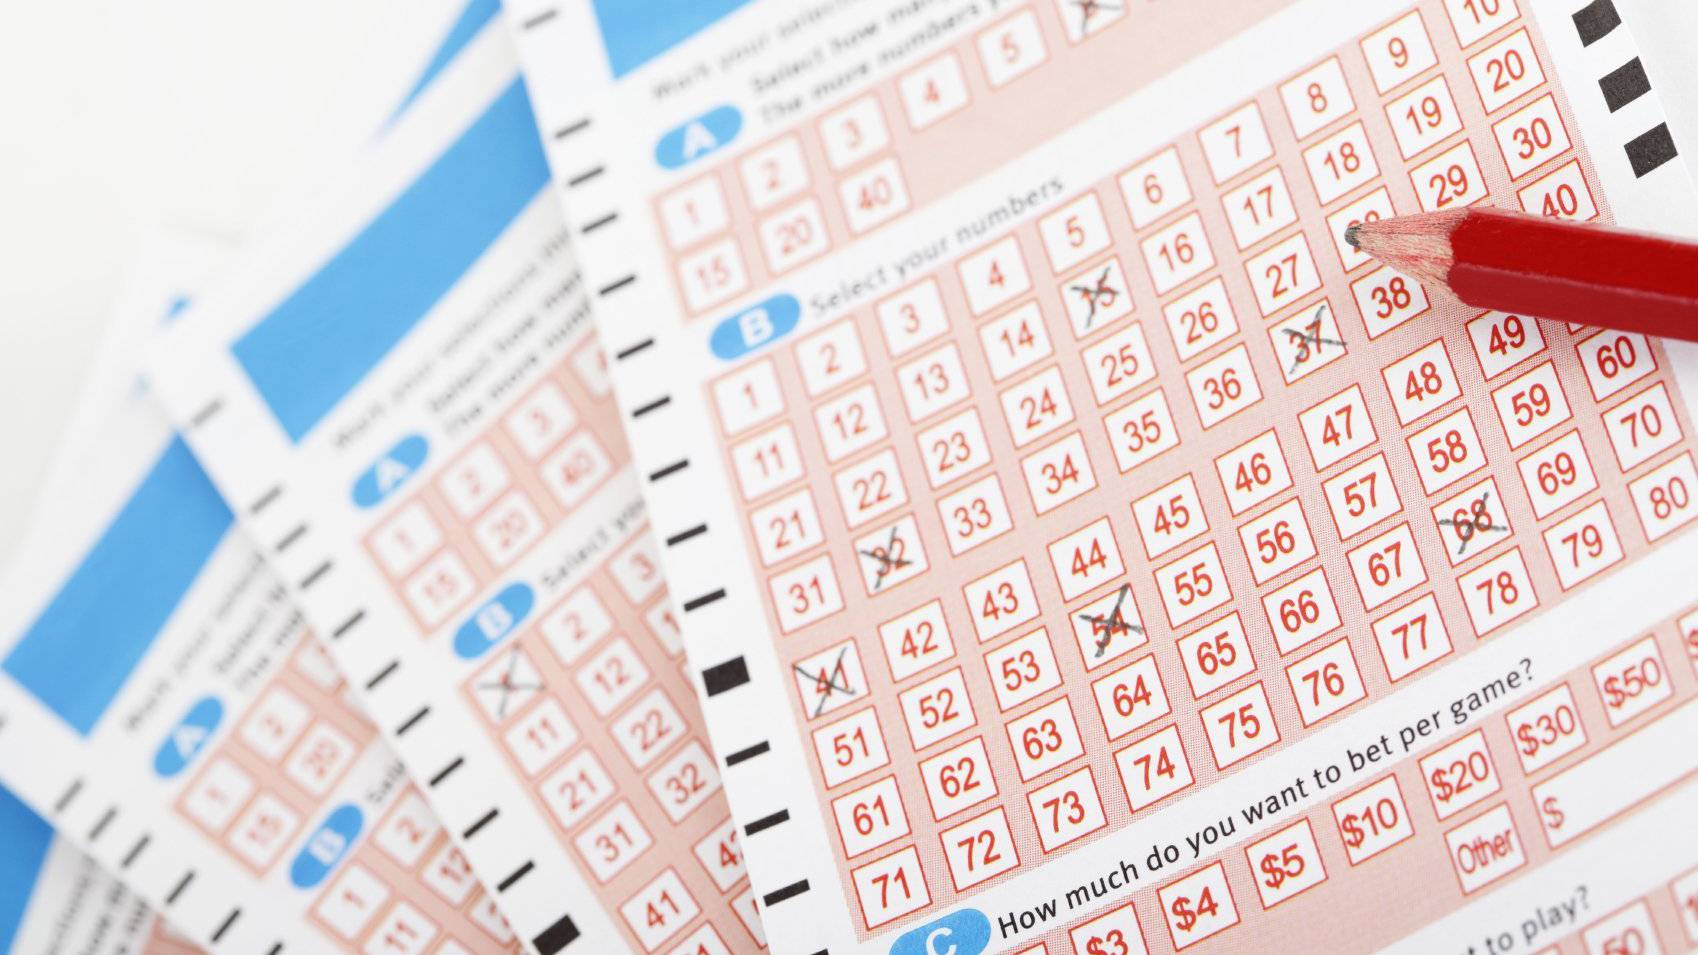 Wo Wurde Der Lotto Jackpot Gewonnen